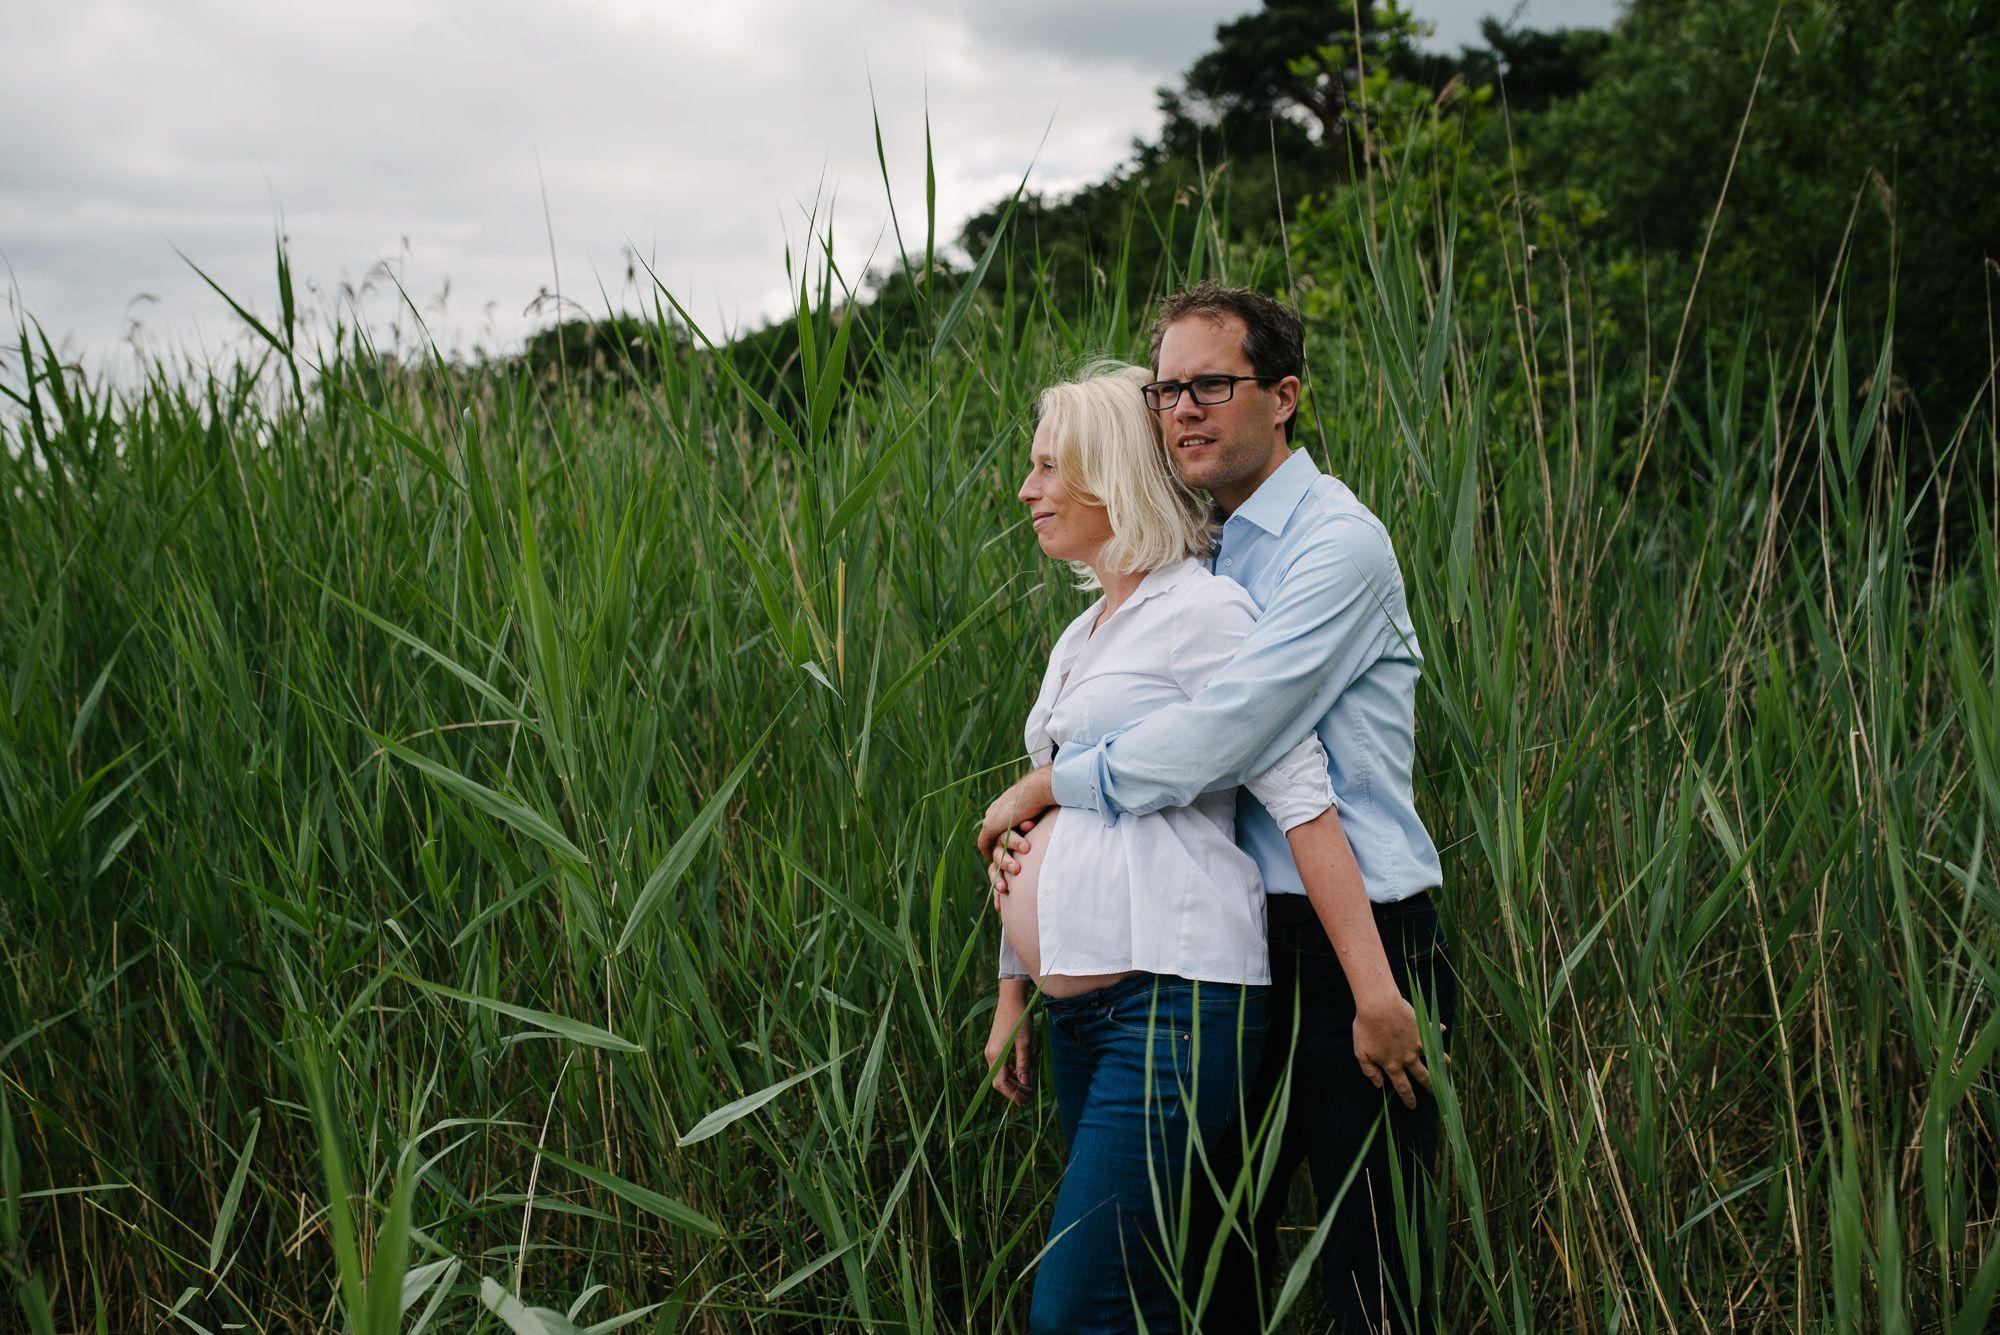 foto's zwanger stoer